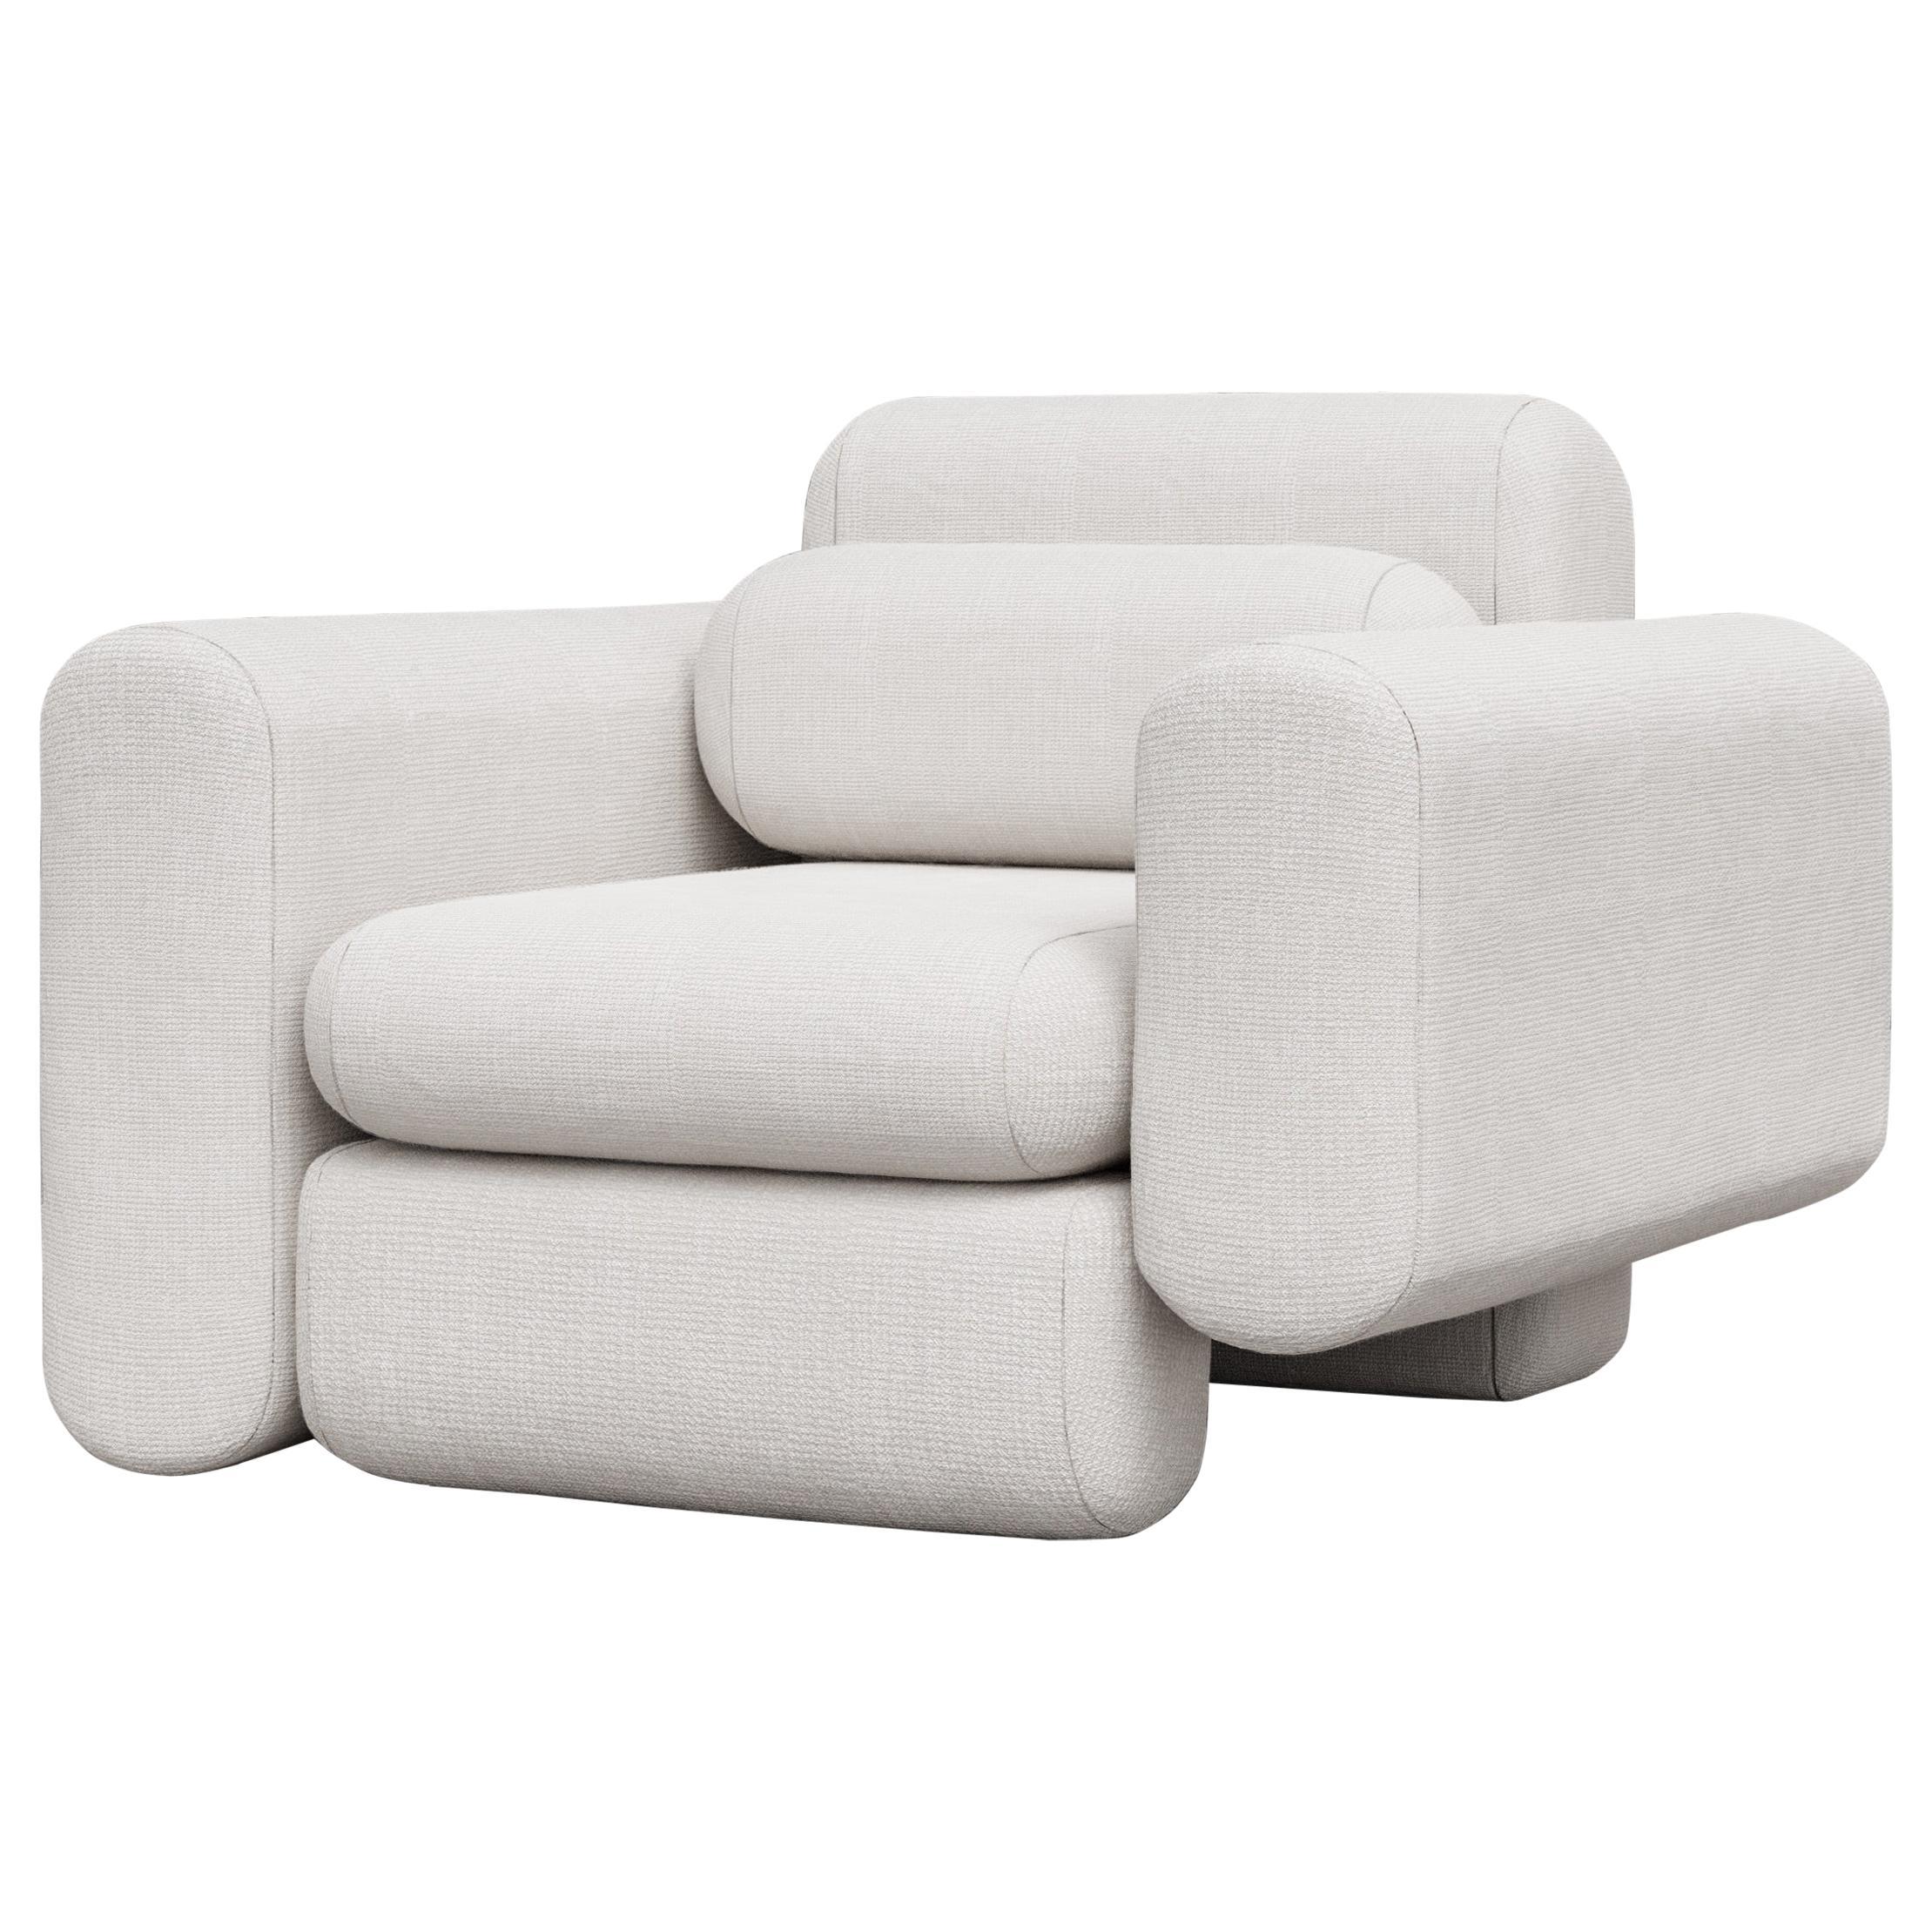 Asym Chair, Modern Asymmetrical Sectional Chair in Cream Boucle